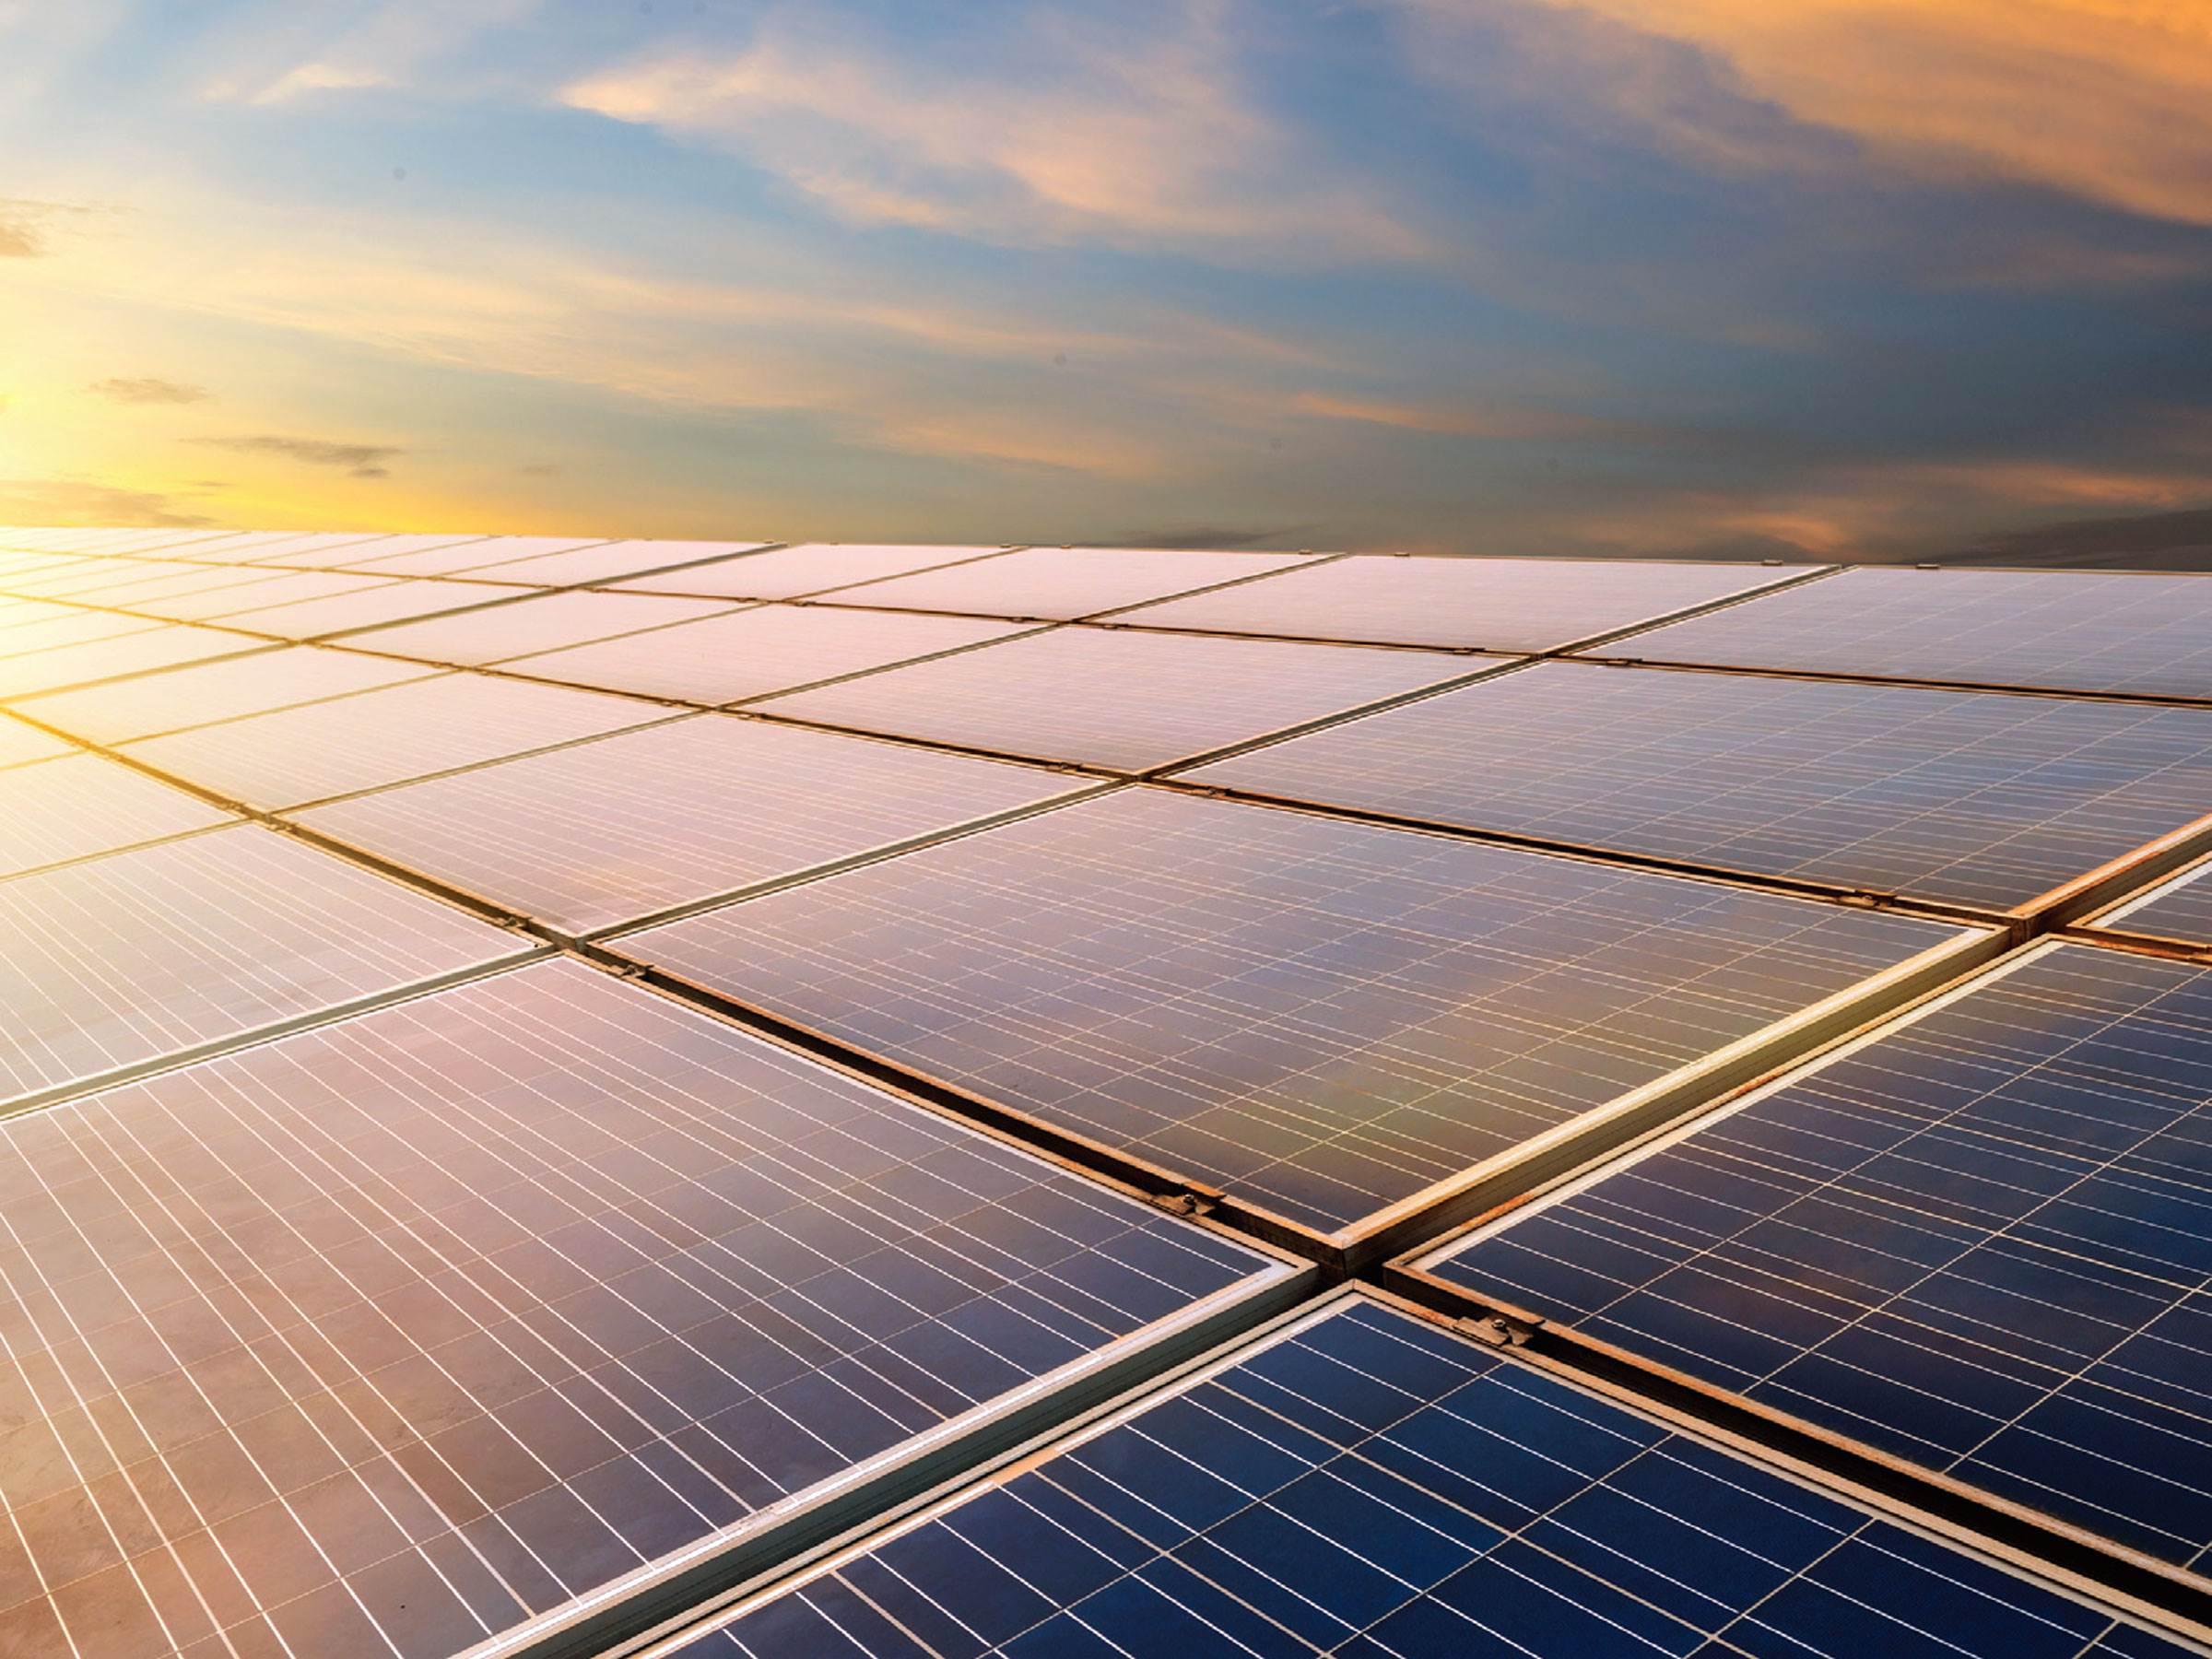 ochrona instalacji solarnych przed przegrzaniem - Ochrona instalacji solarnych przed przegrzaniem